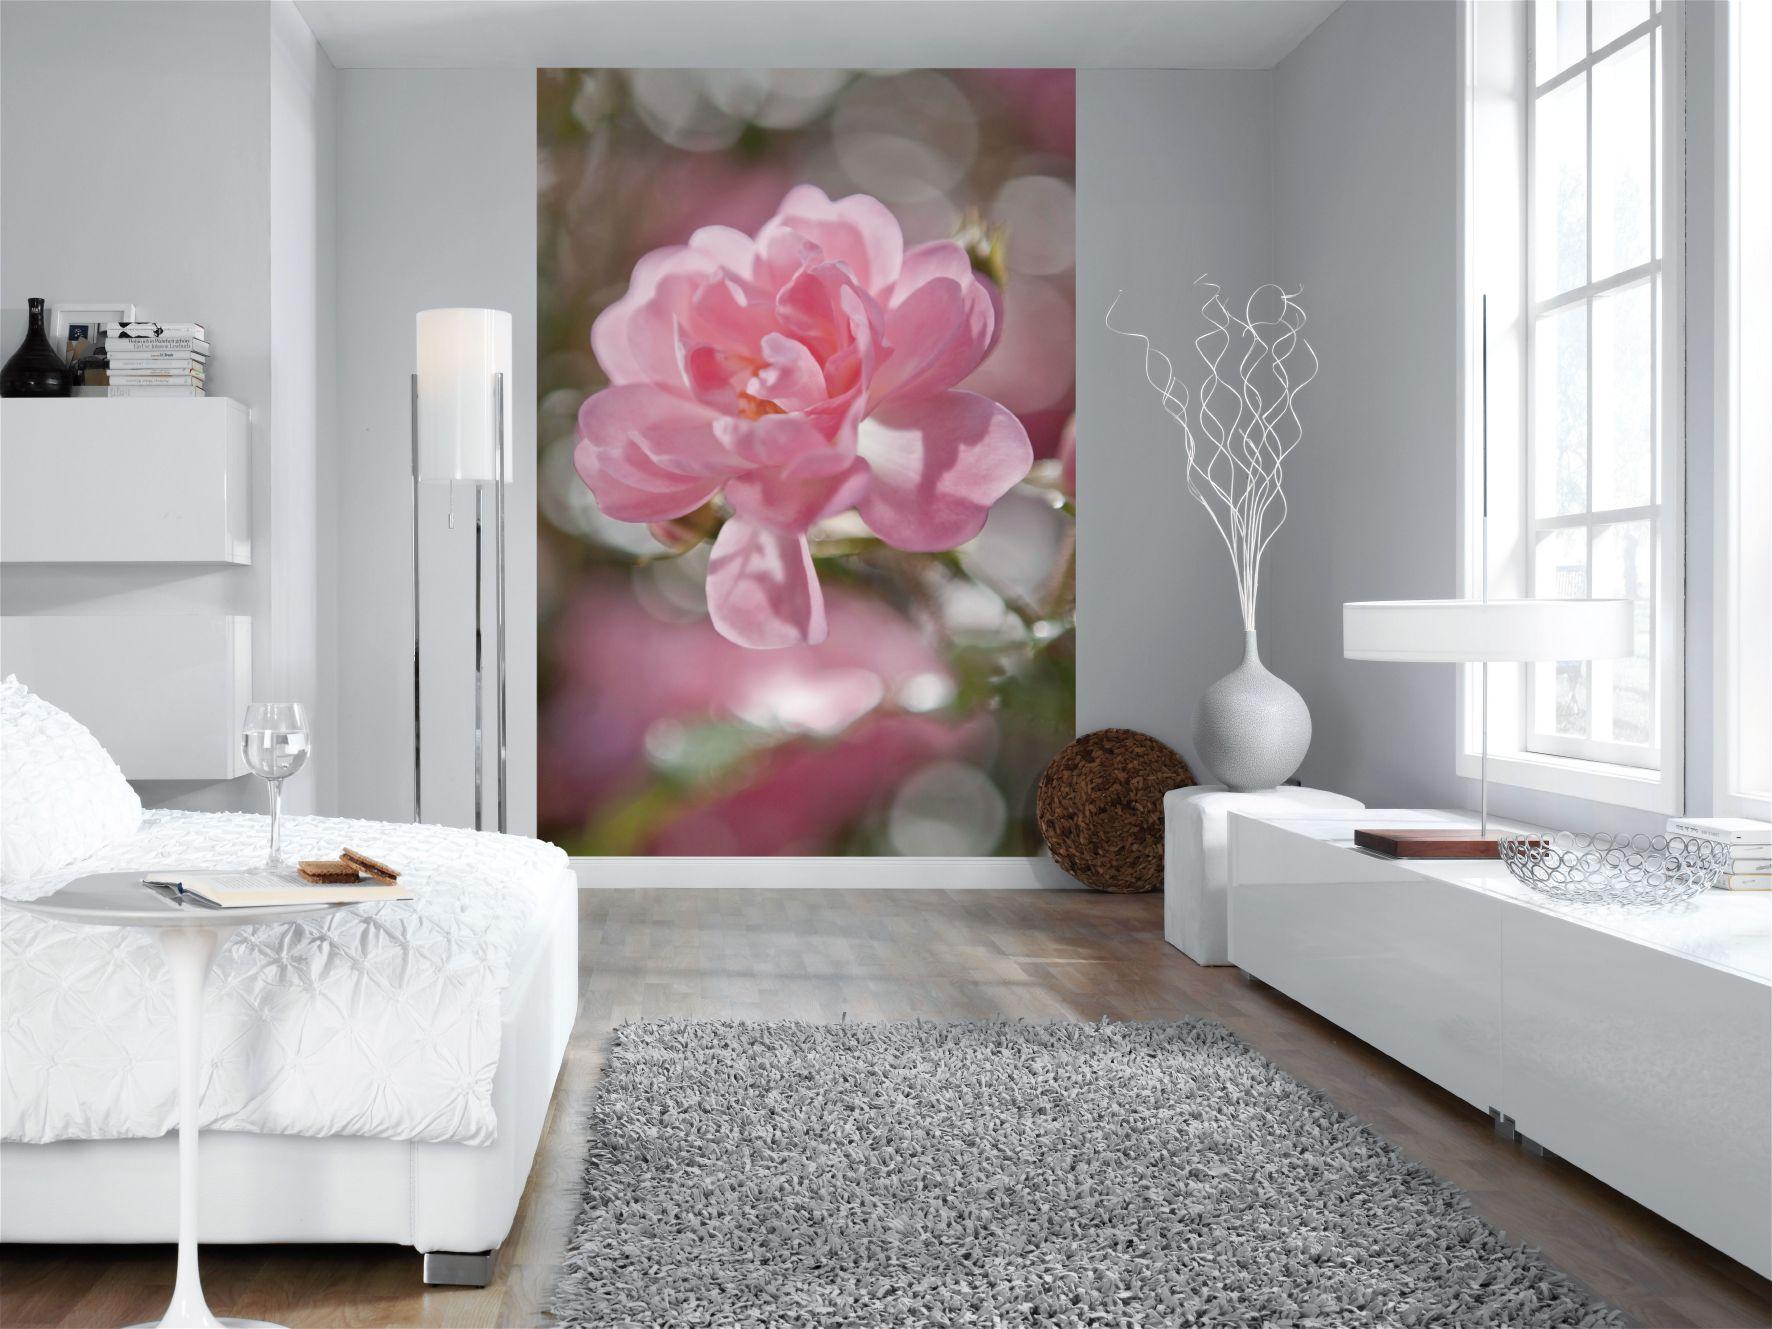 Idee de cadouri de 8 Martie acest fototapet pentru dormitor, un model floral delicat si suav de trandafir roz.